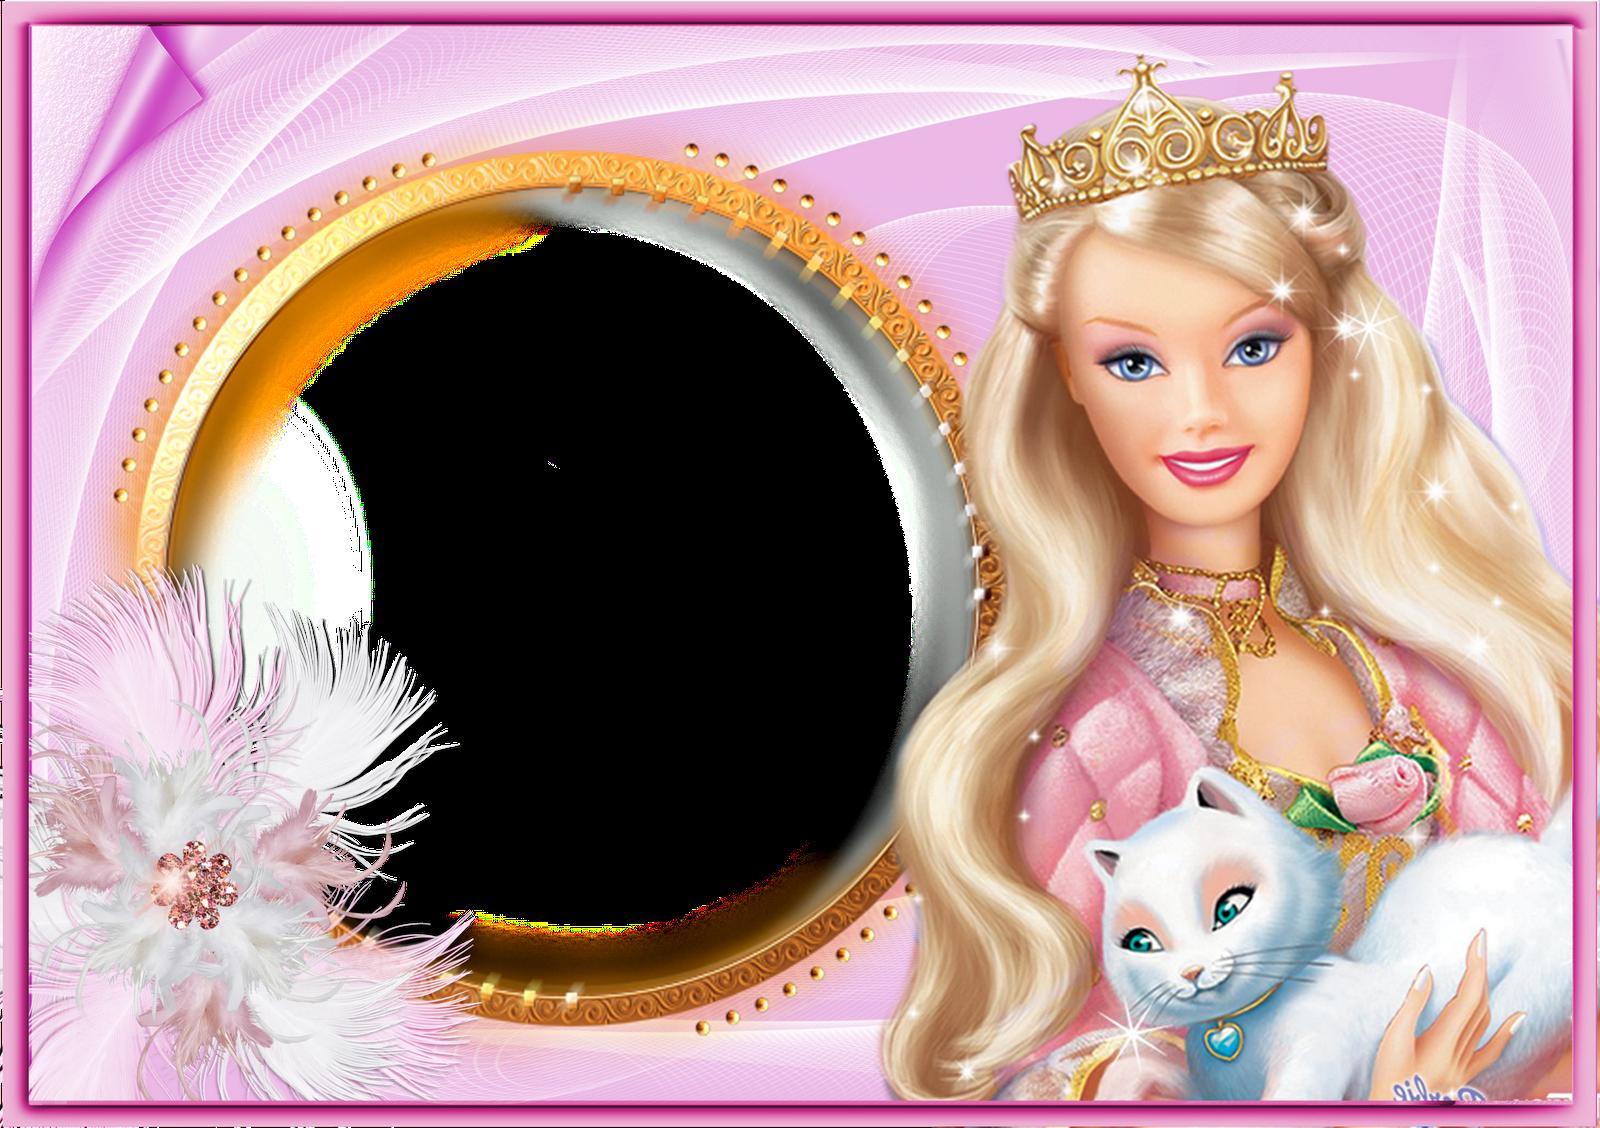 Transparentes: Barbie dibujos | marcos de fotos | Pinterest | Barbie ...